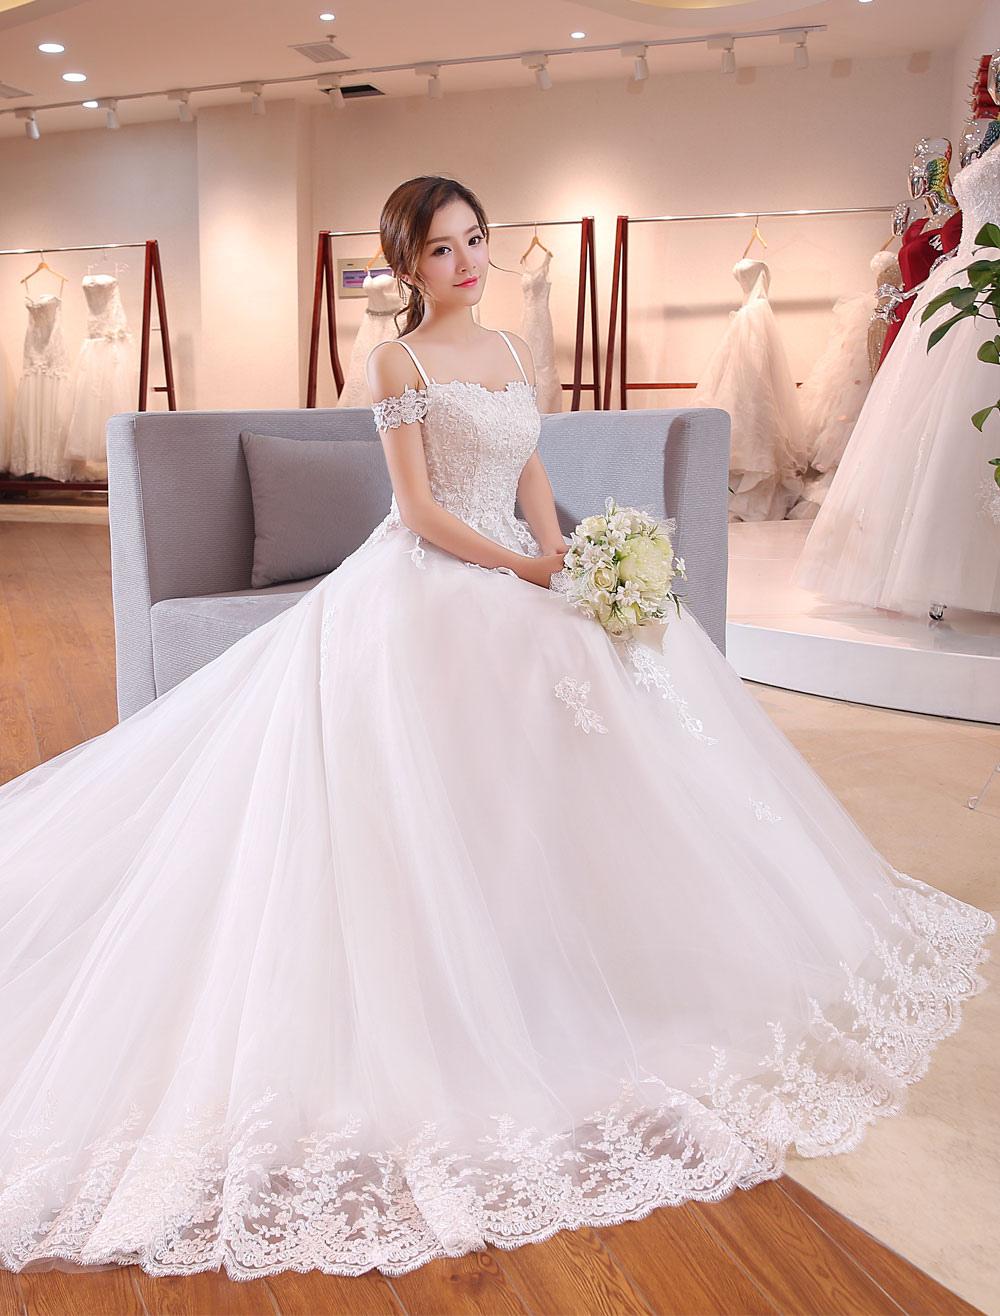 6bae4b0c0 ... Vestido de novia princesa con escote de hombros caídos De banda de  encaje con manga corta ...